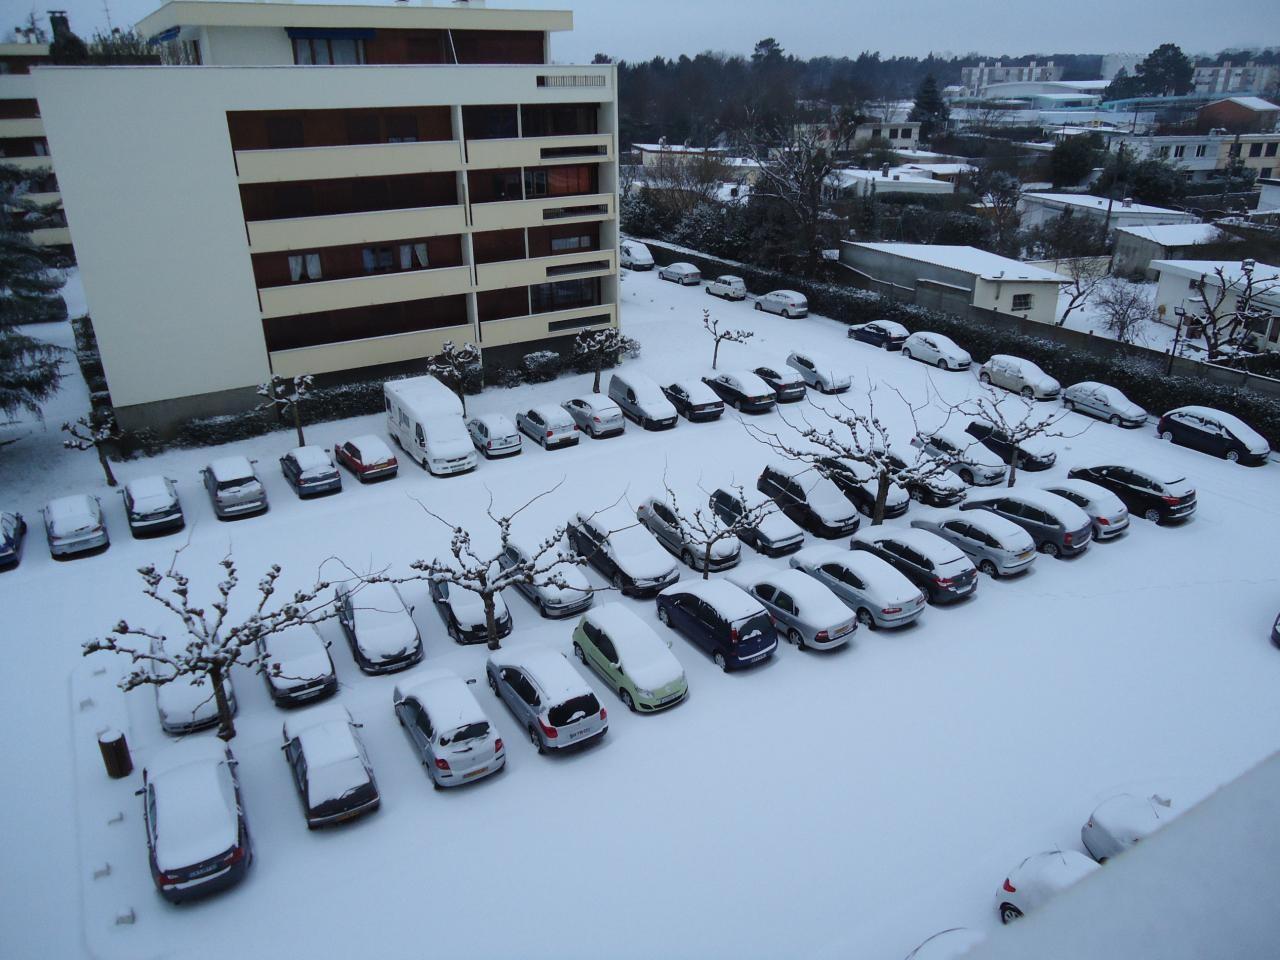 Residence sous la neige 6